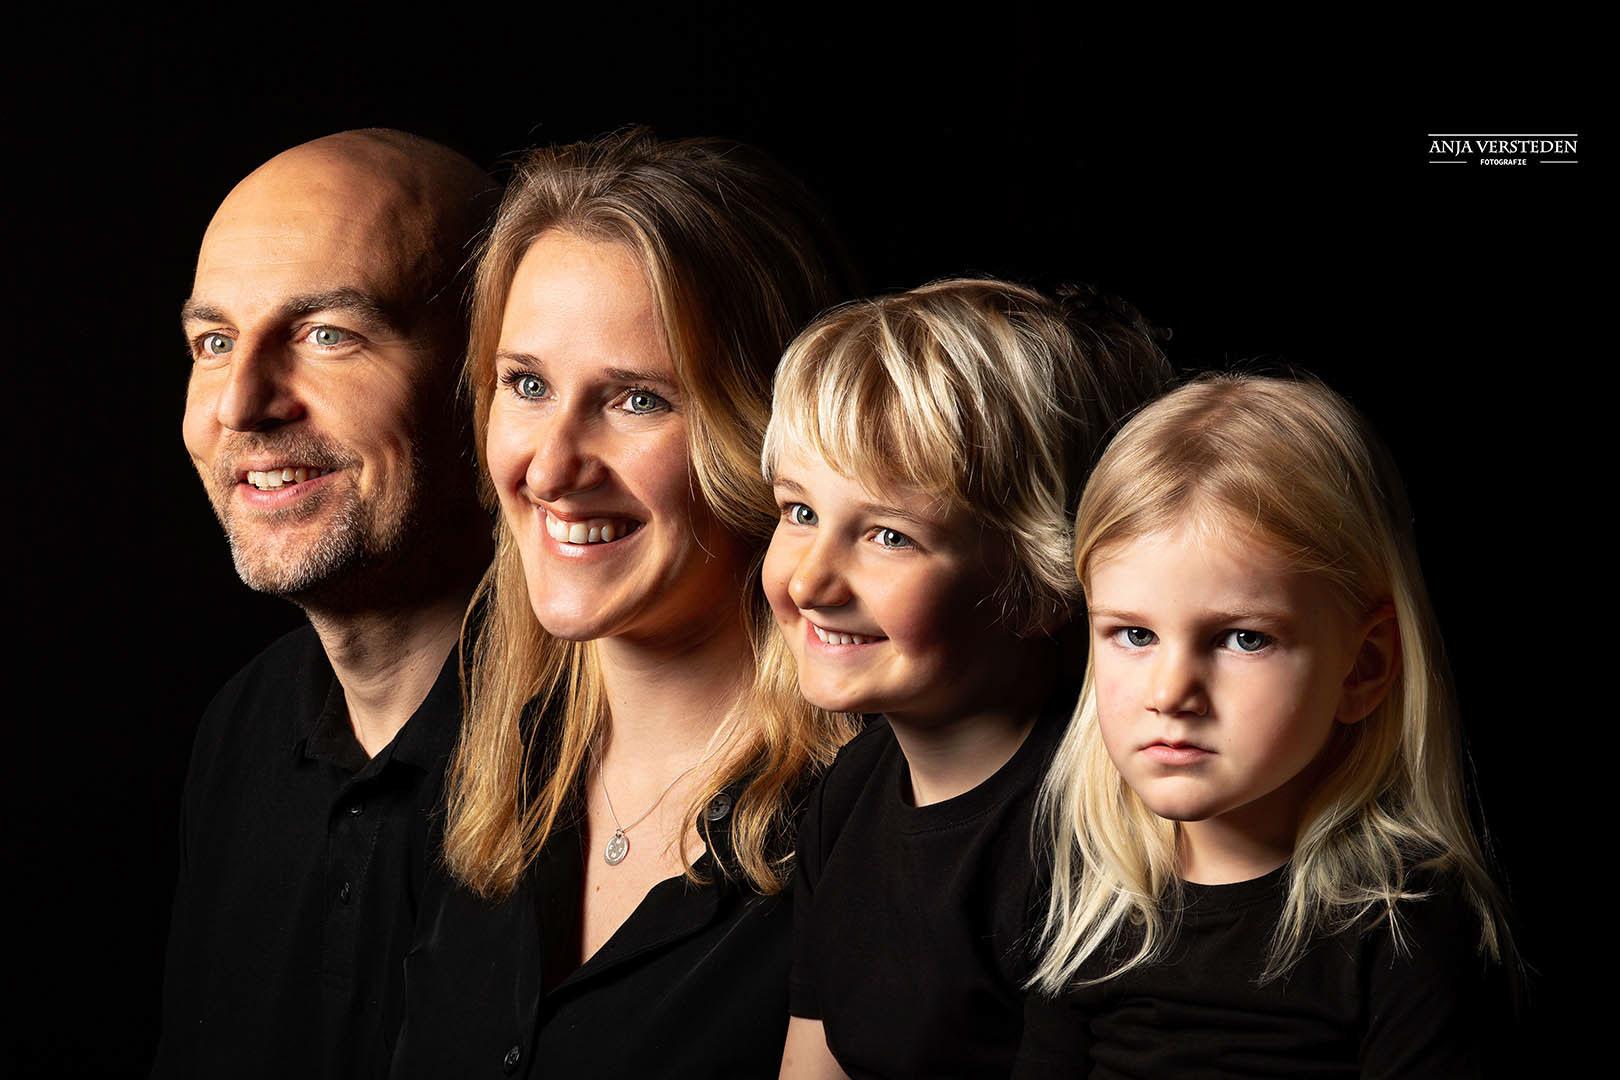 Generatiefoto Generatieportret familie gezin